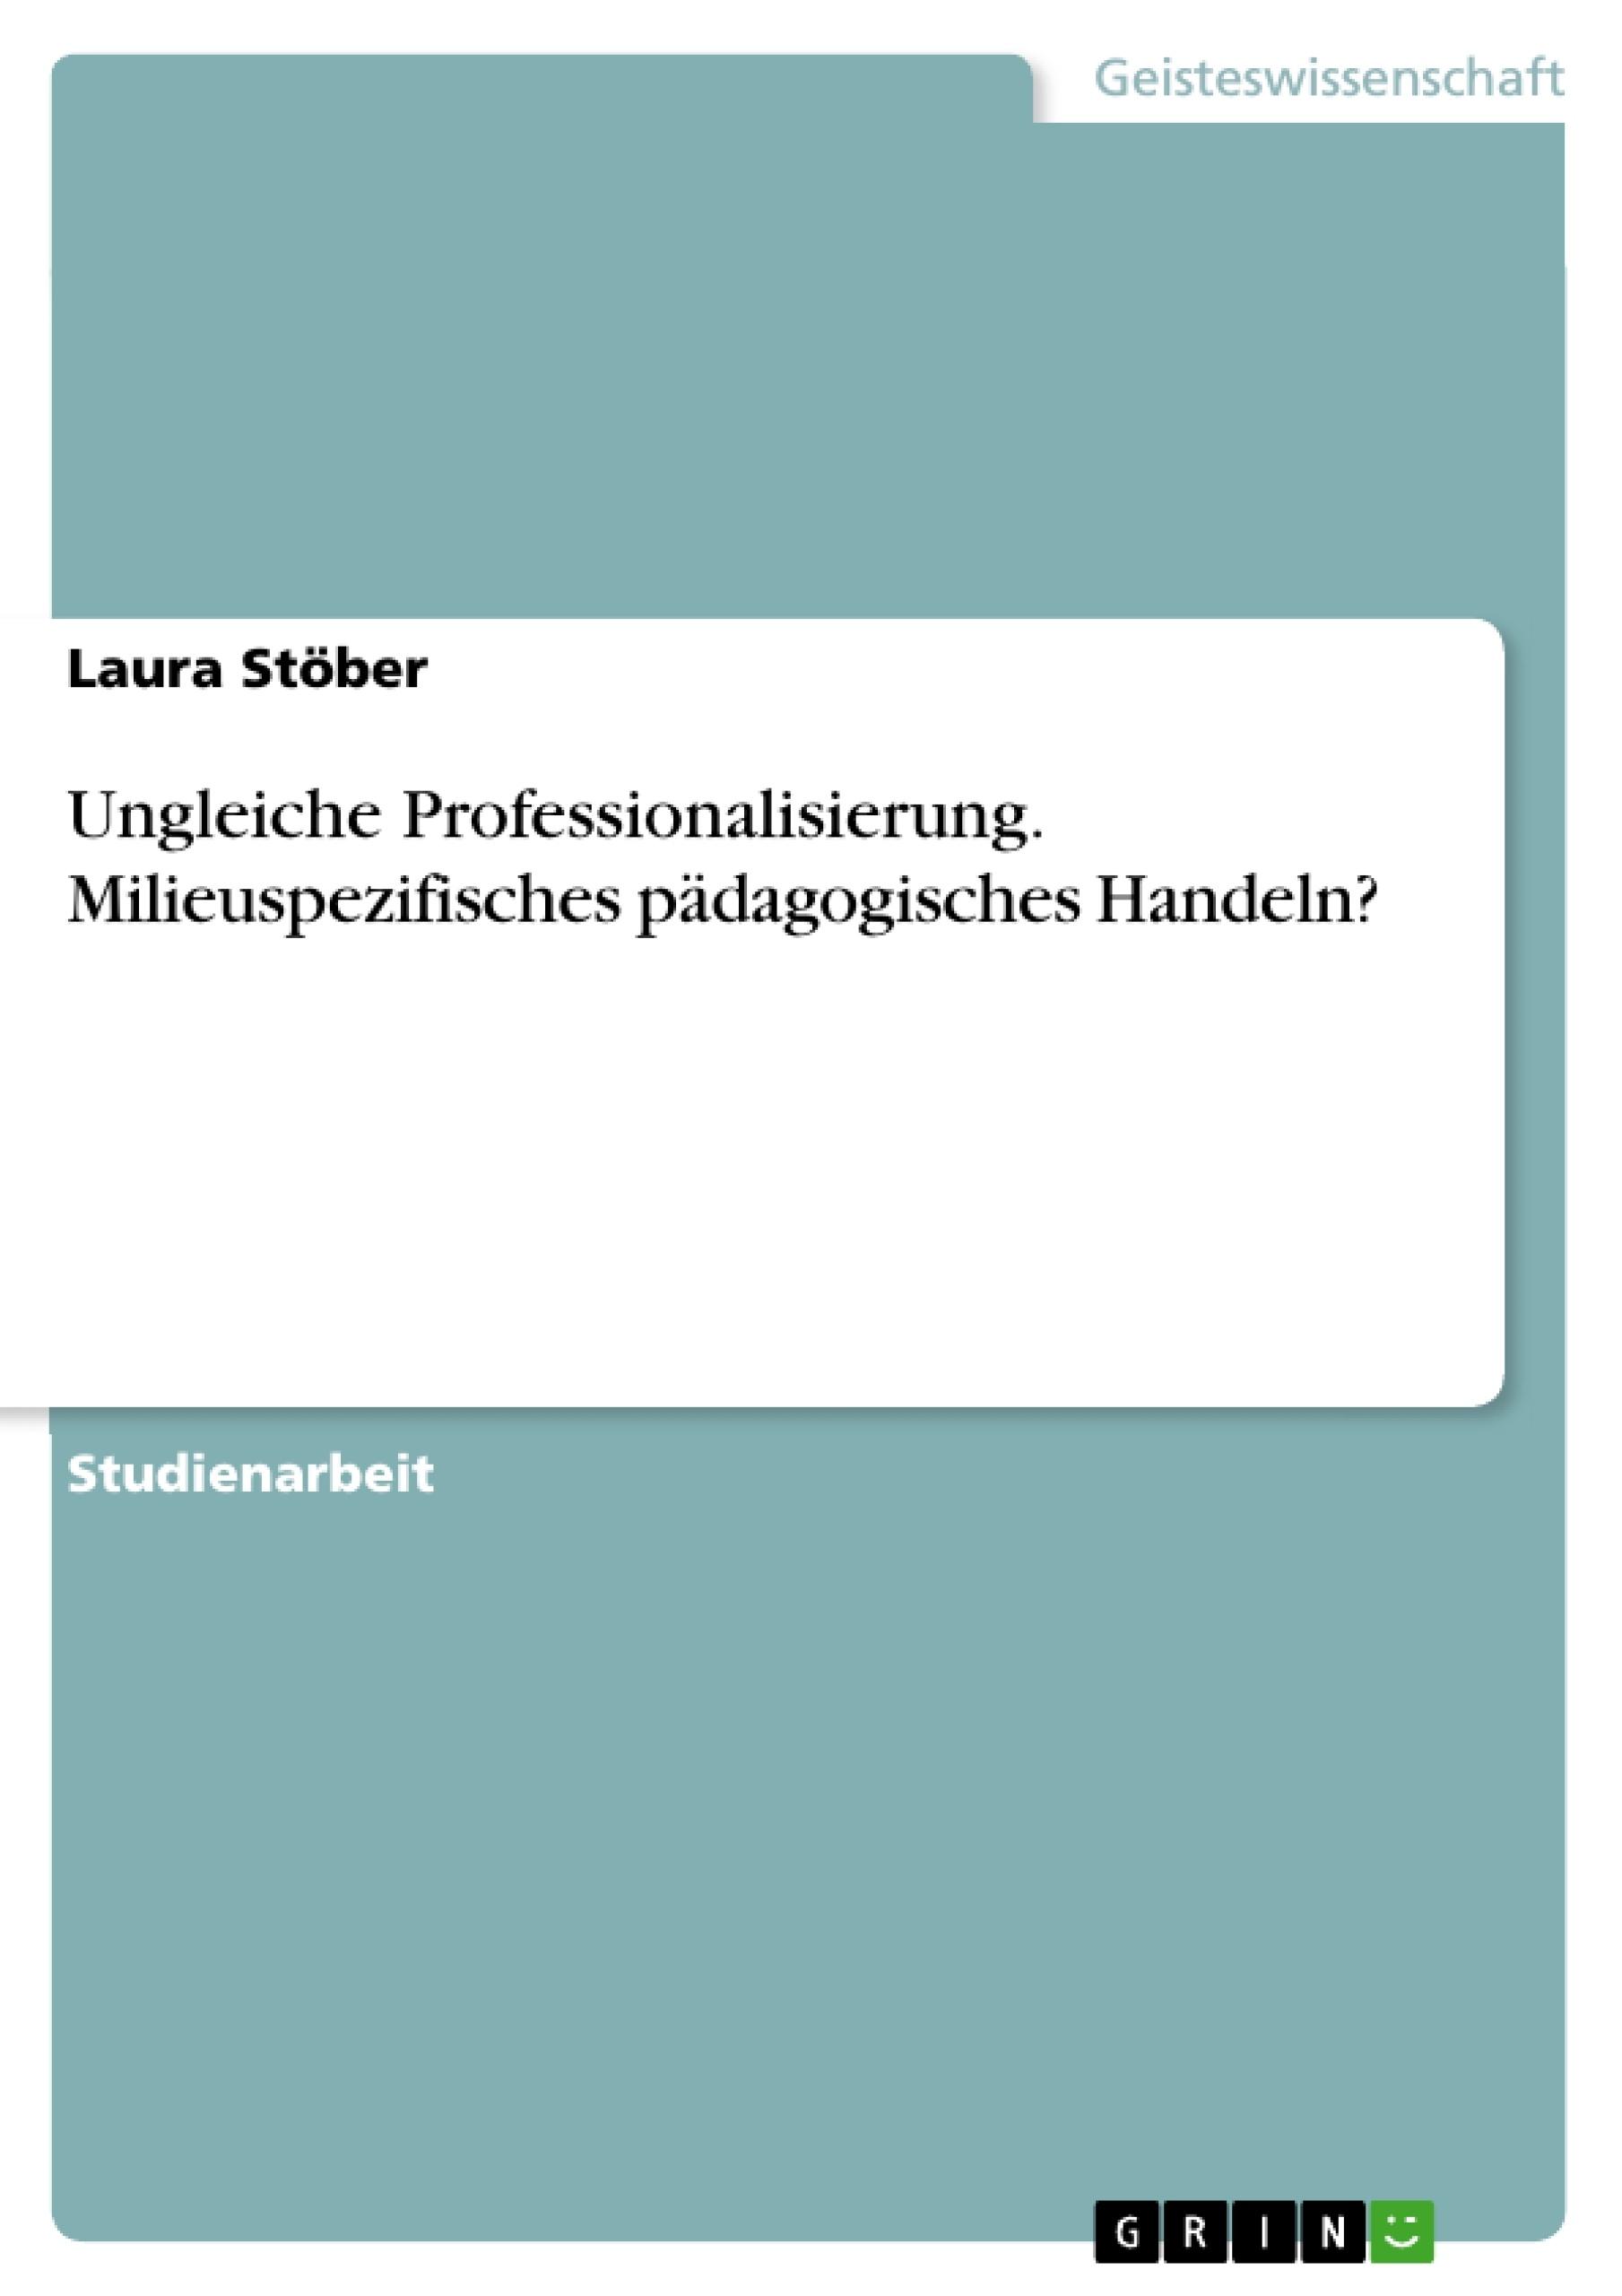 Titel: Ungleiche Professionalisierung.  Milieuspezifisches pädagogisches Handeln?